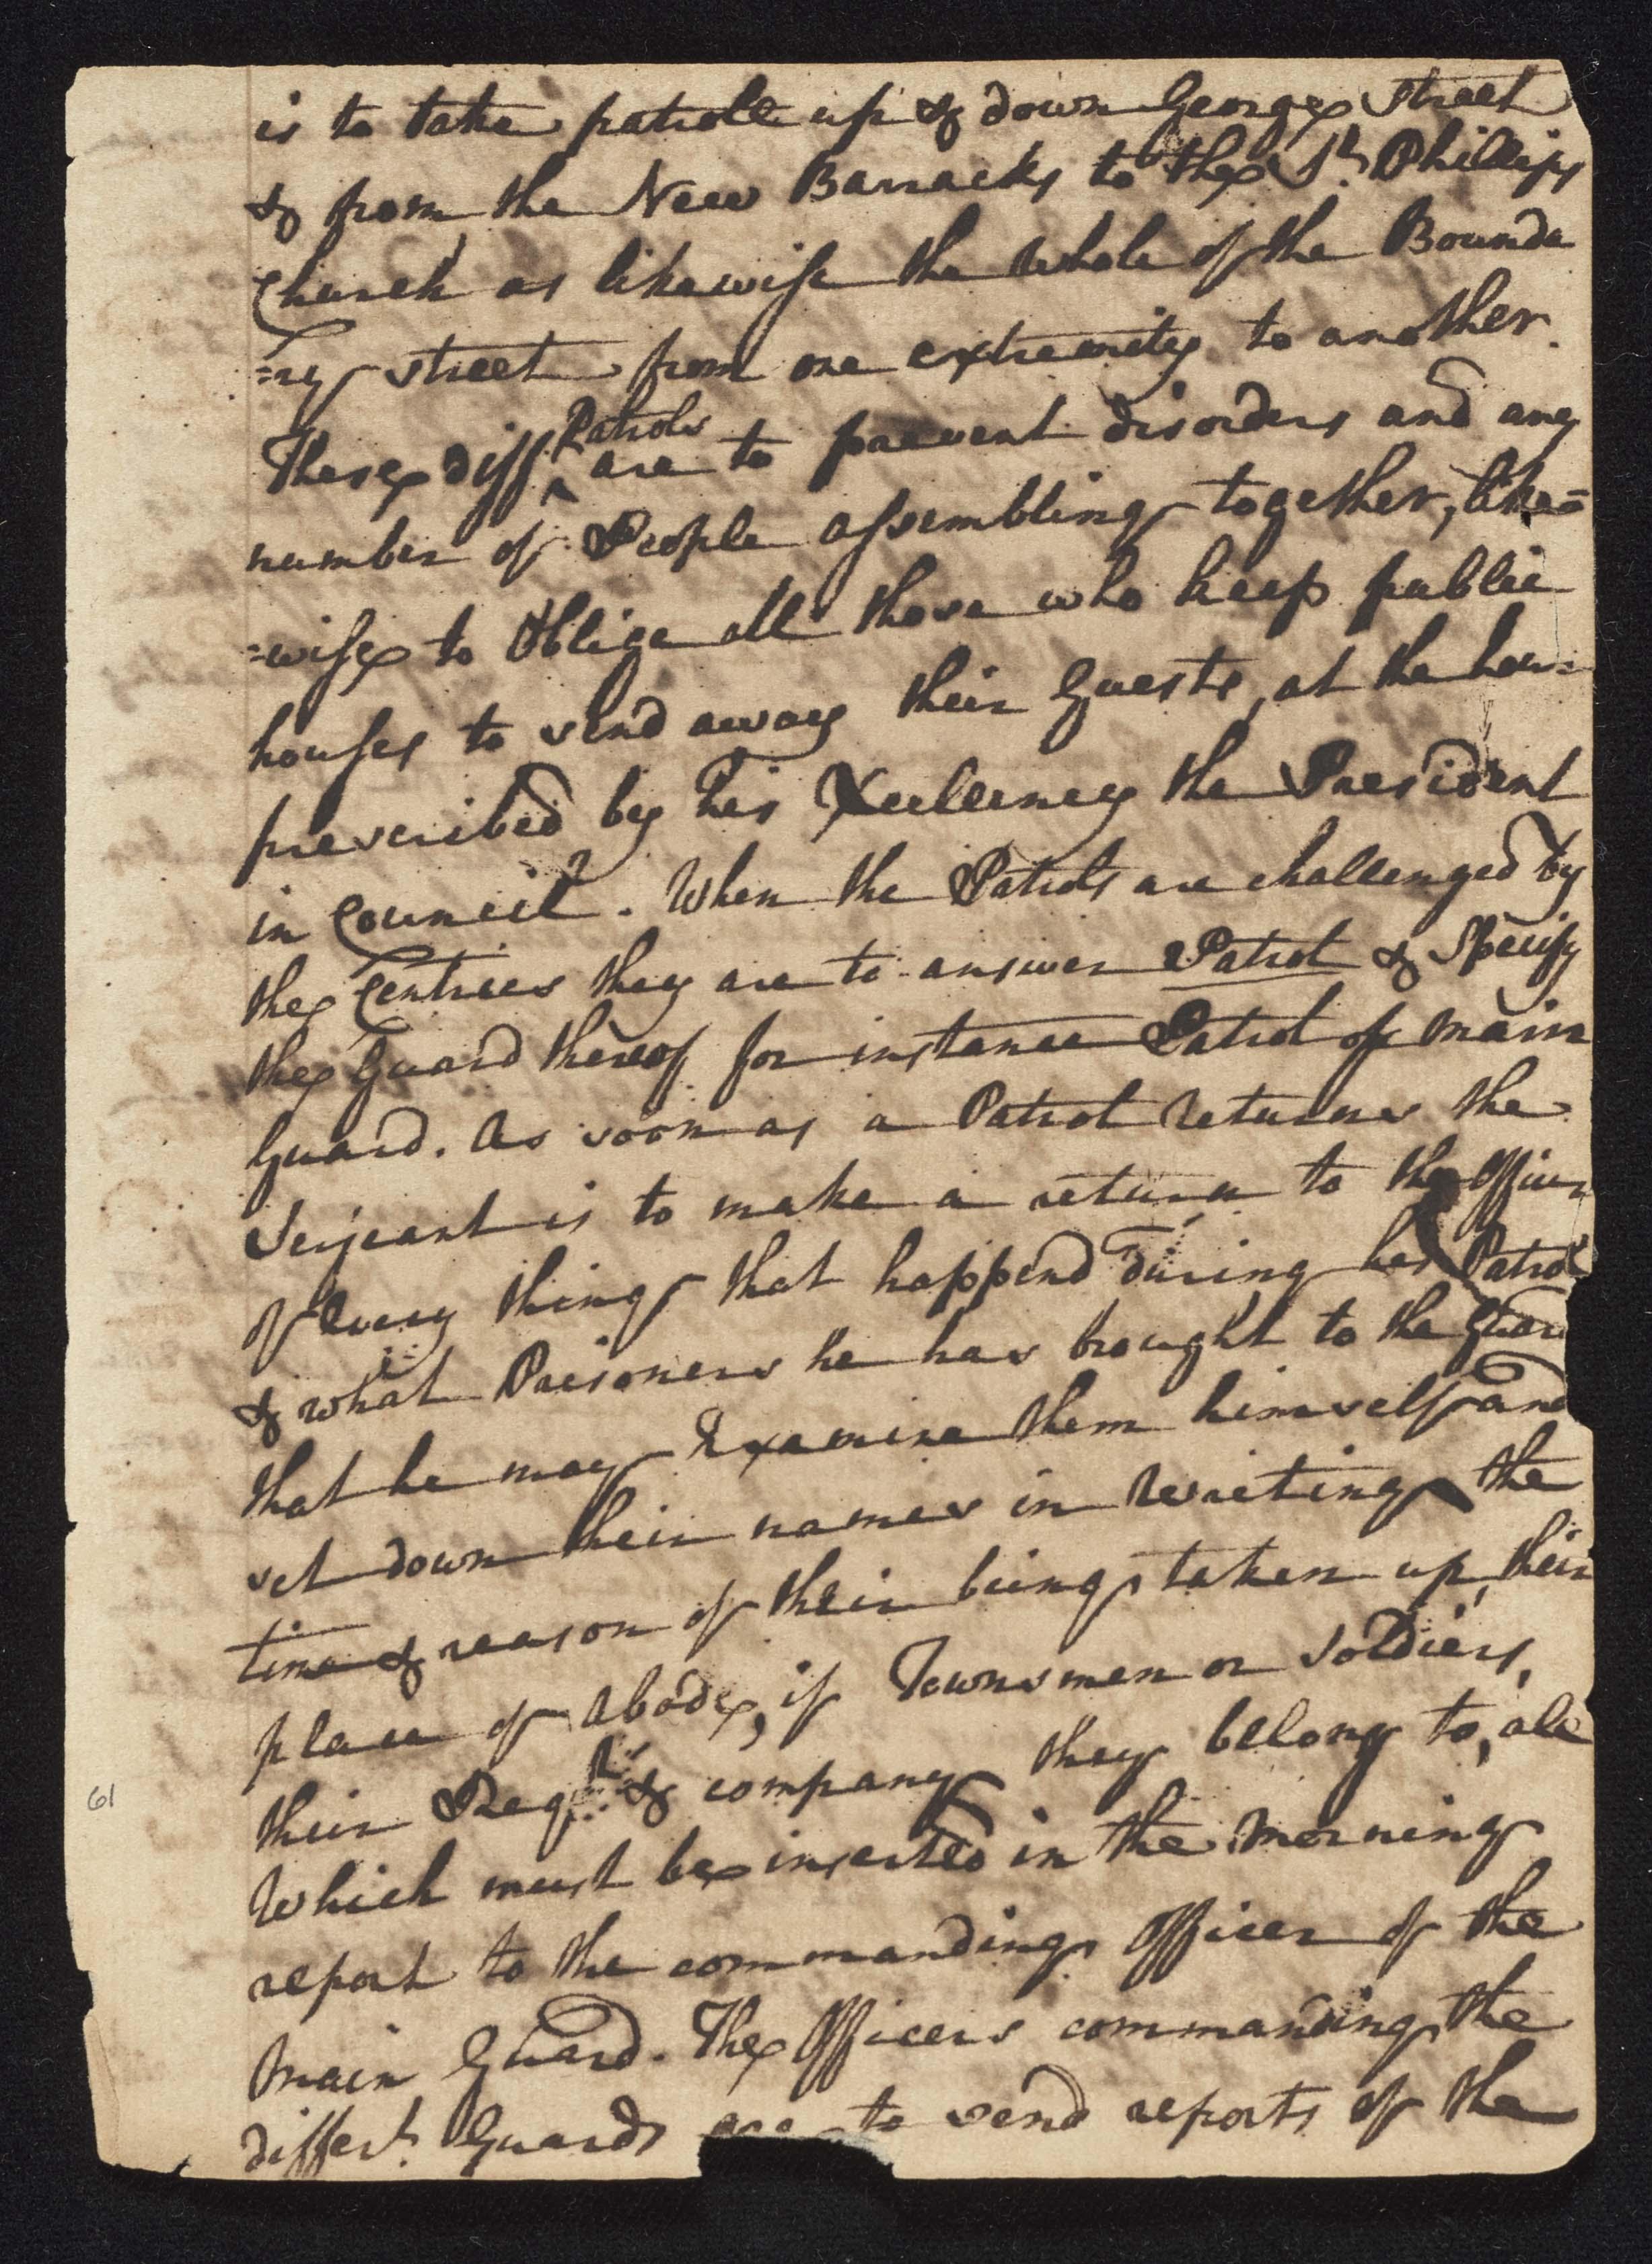 South Carolina Regiment Order Book, Page 121